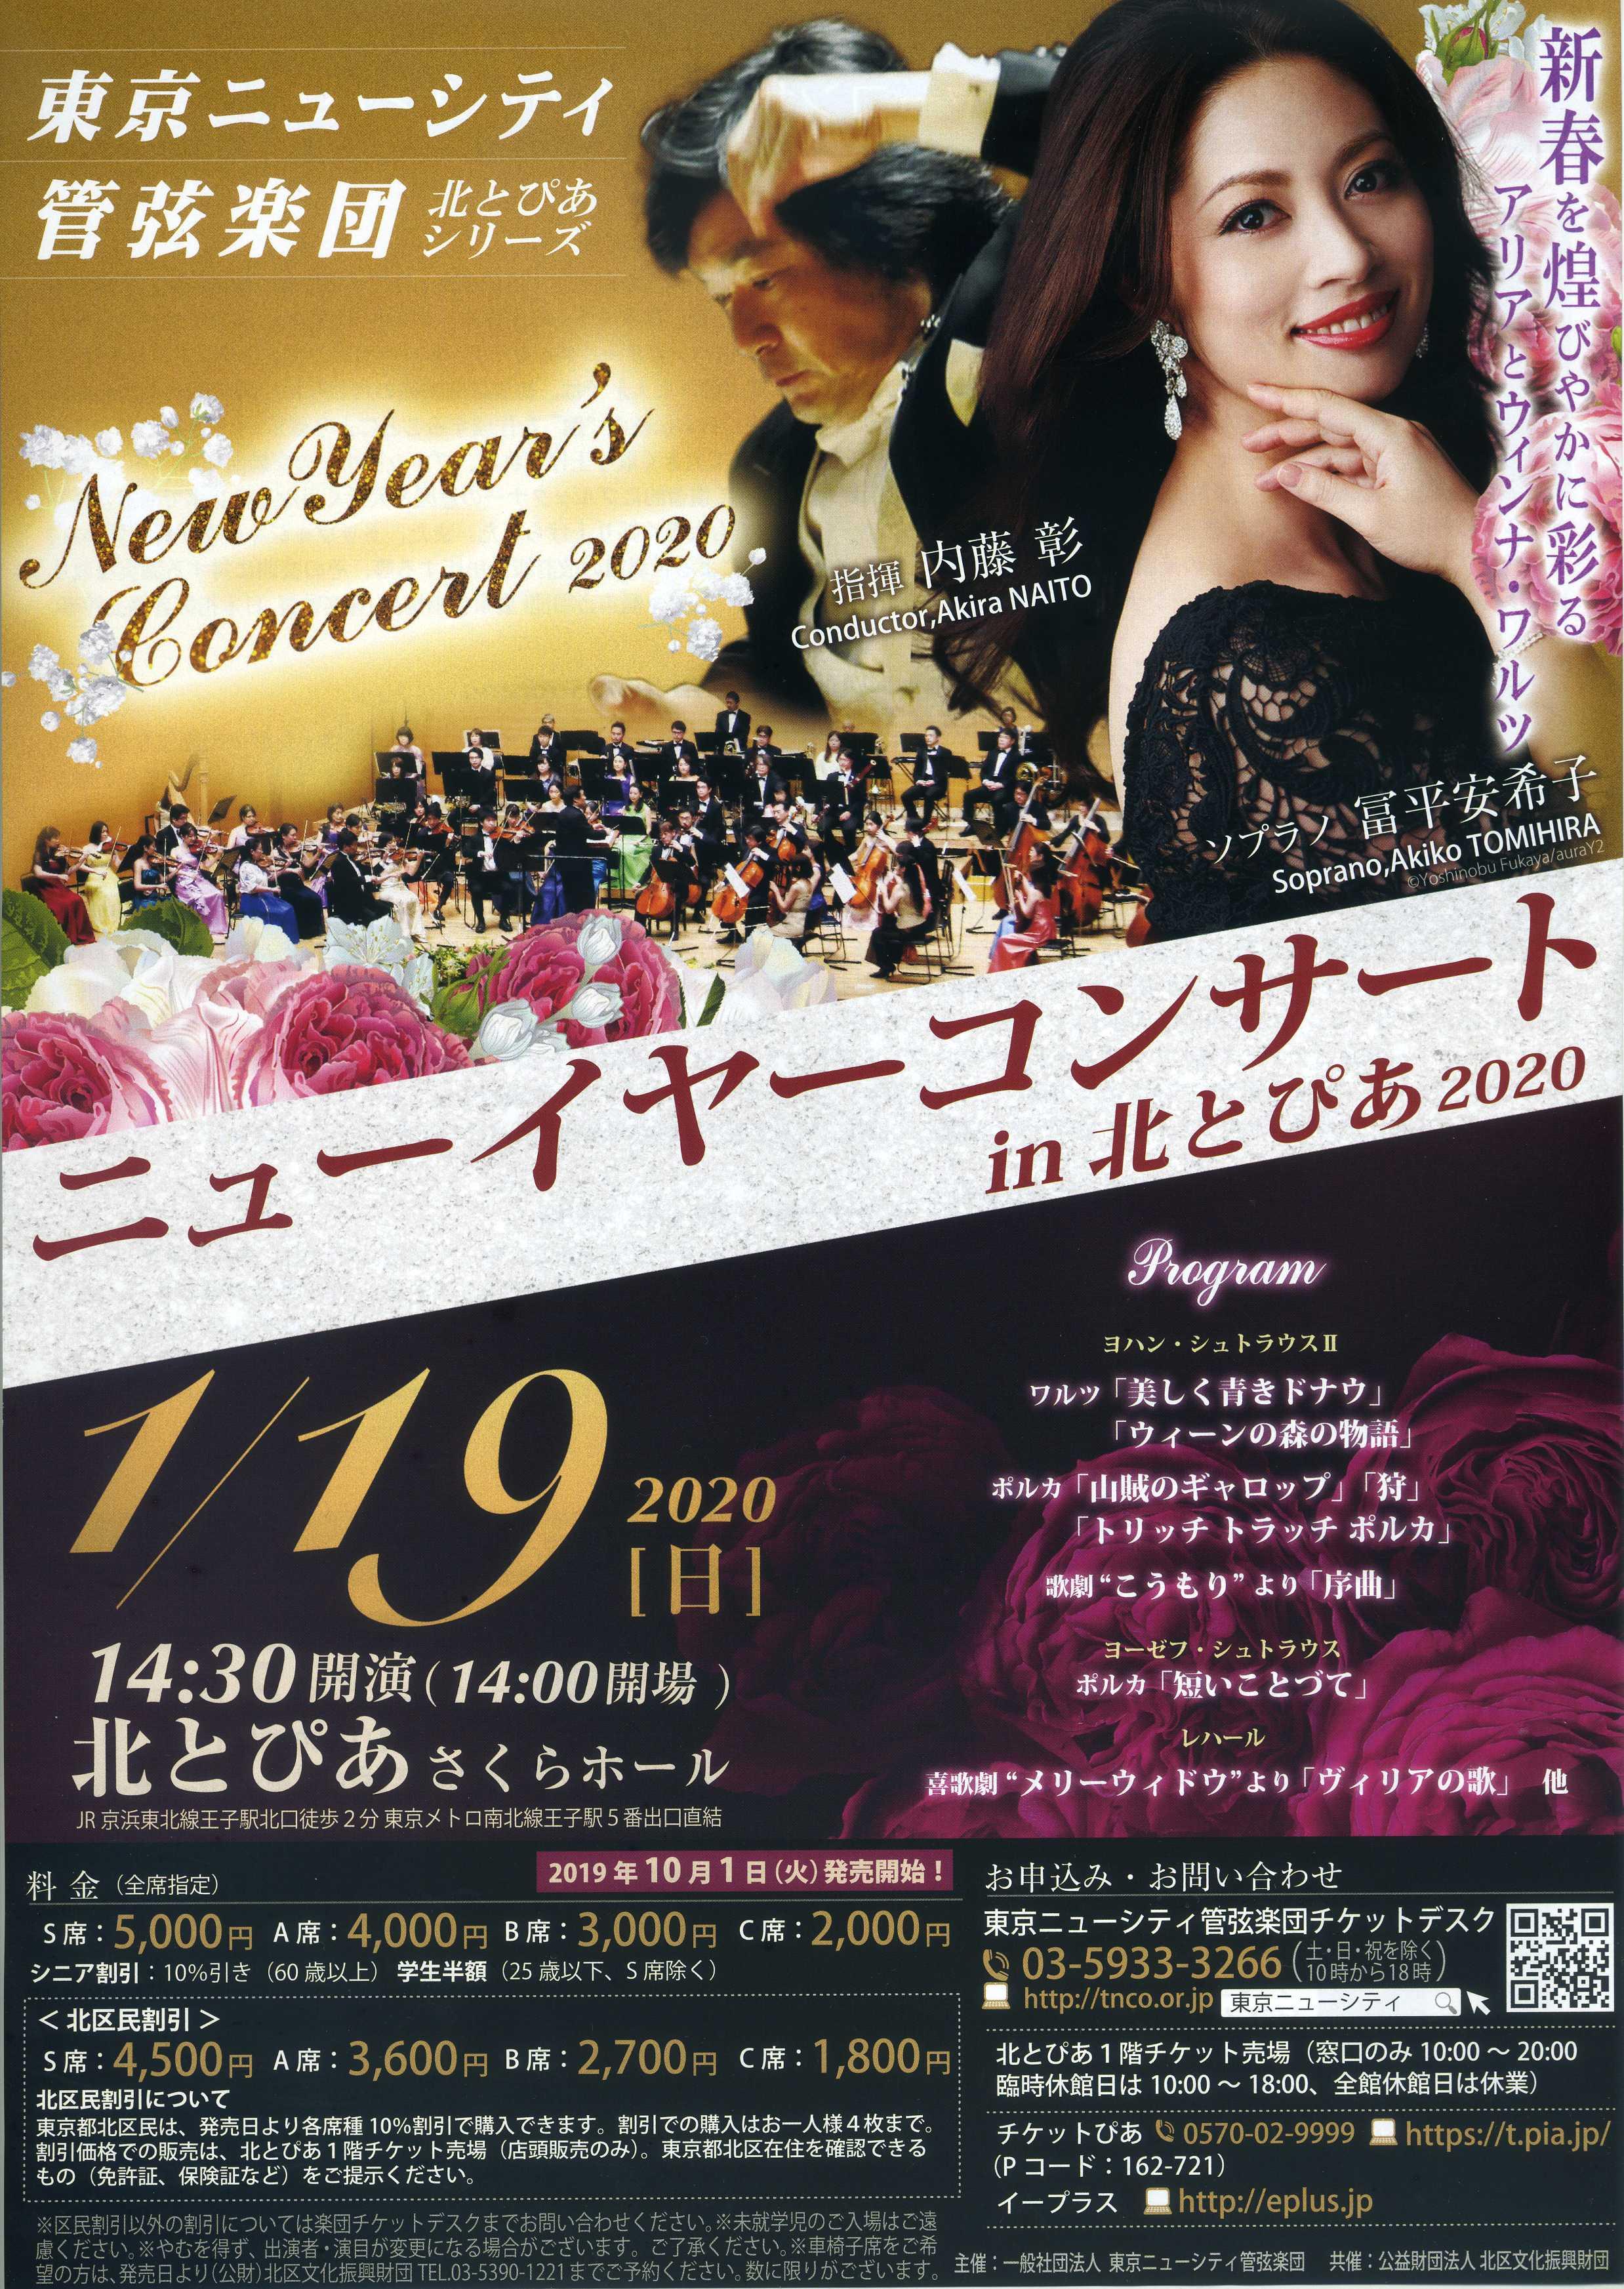 東京ニューシティ管弦楽団 ニューイヤーコンサート2020の画像